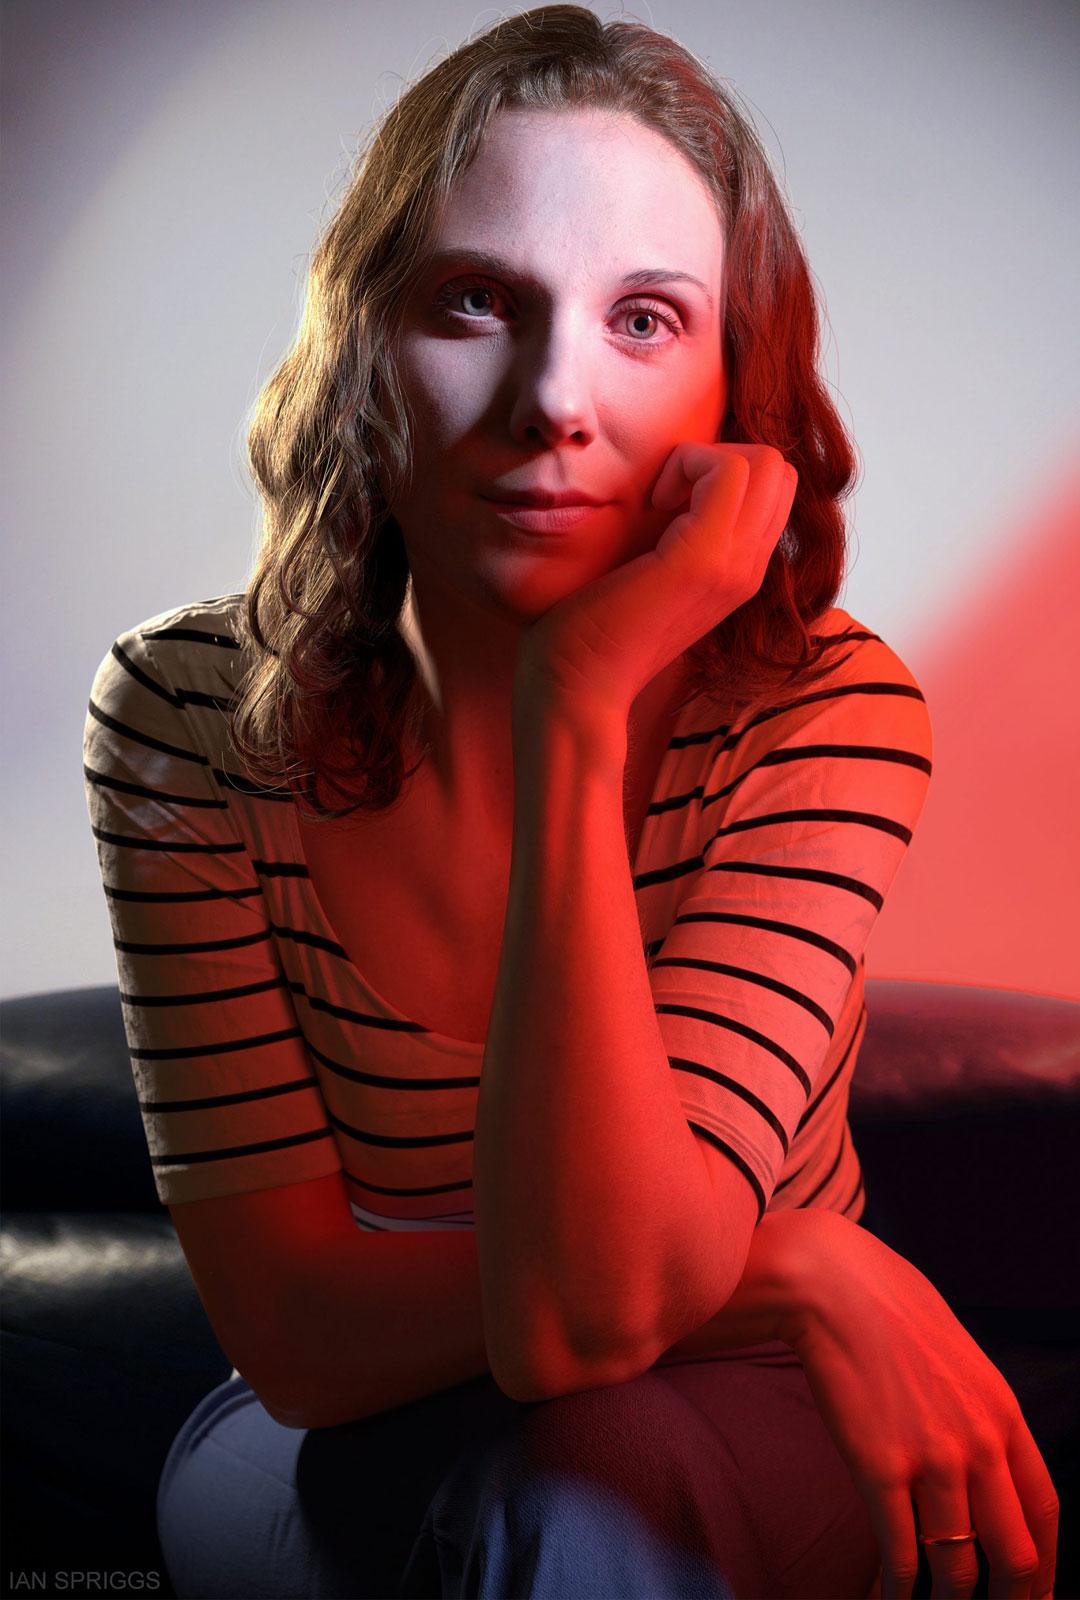 3D Porträt Frau von vorn